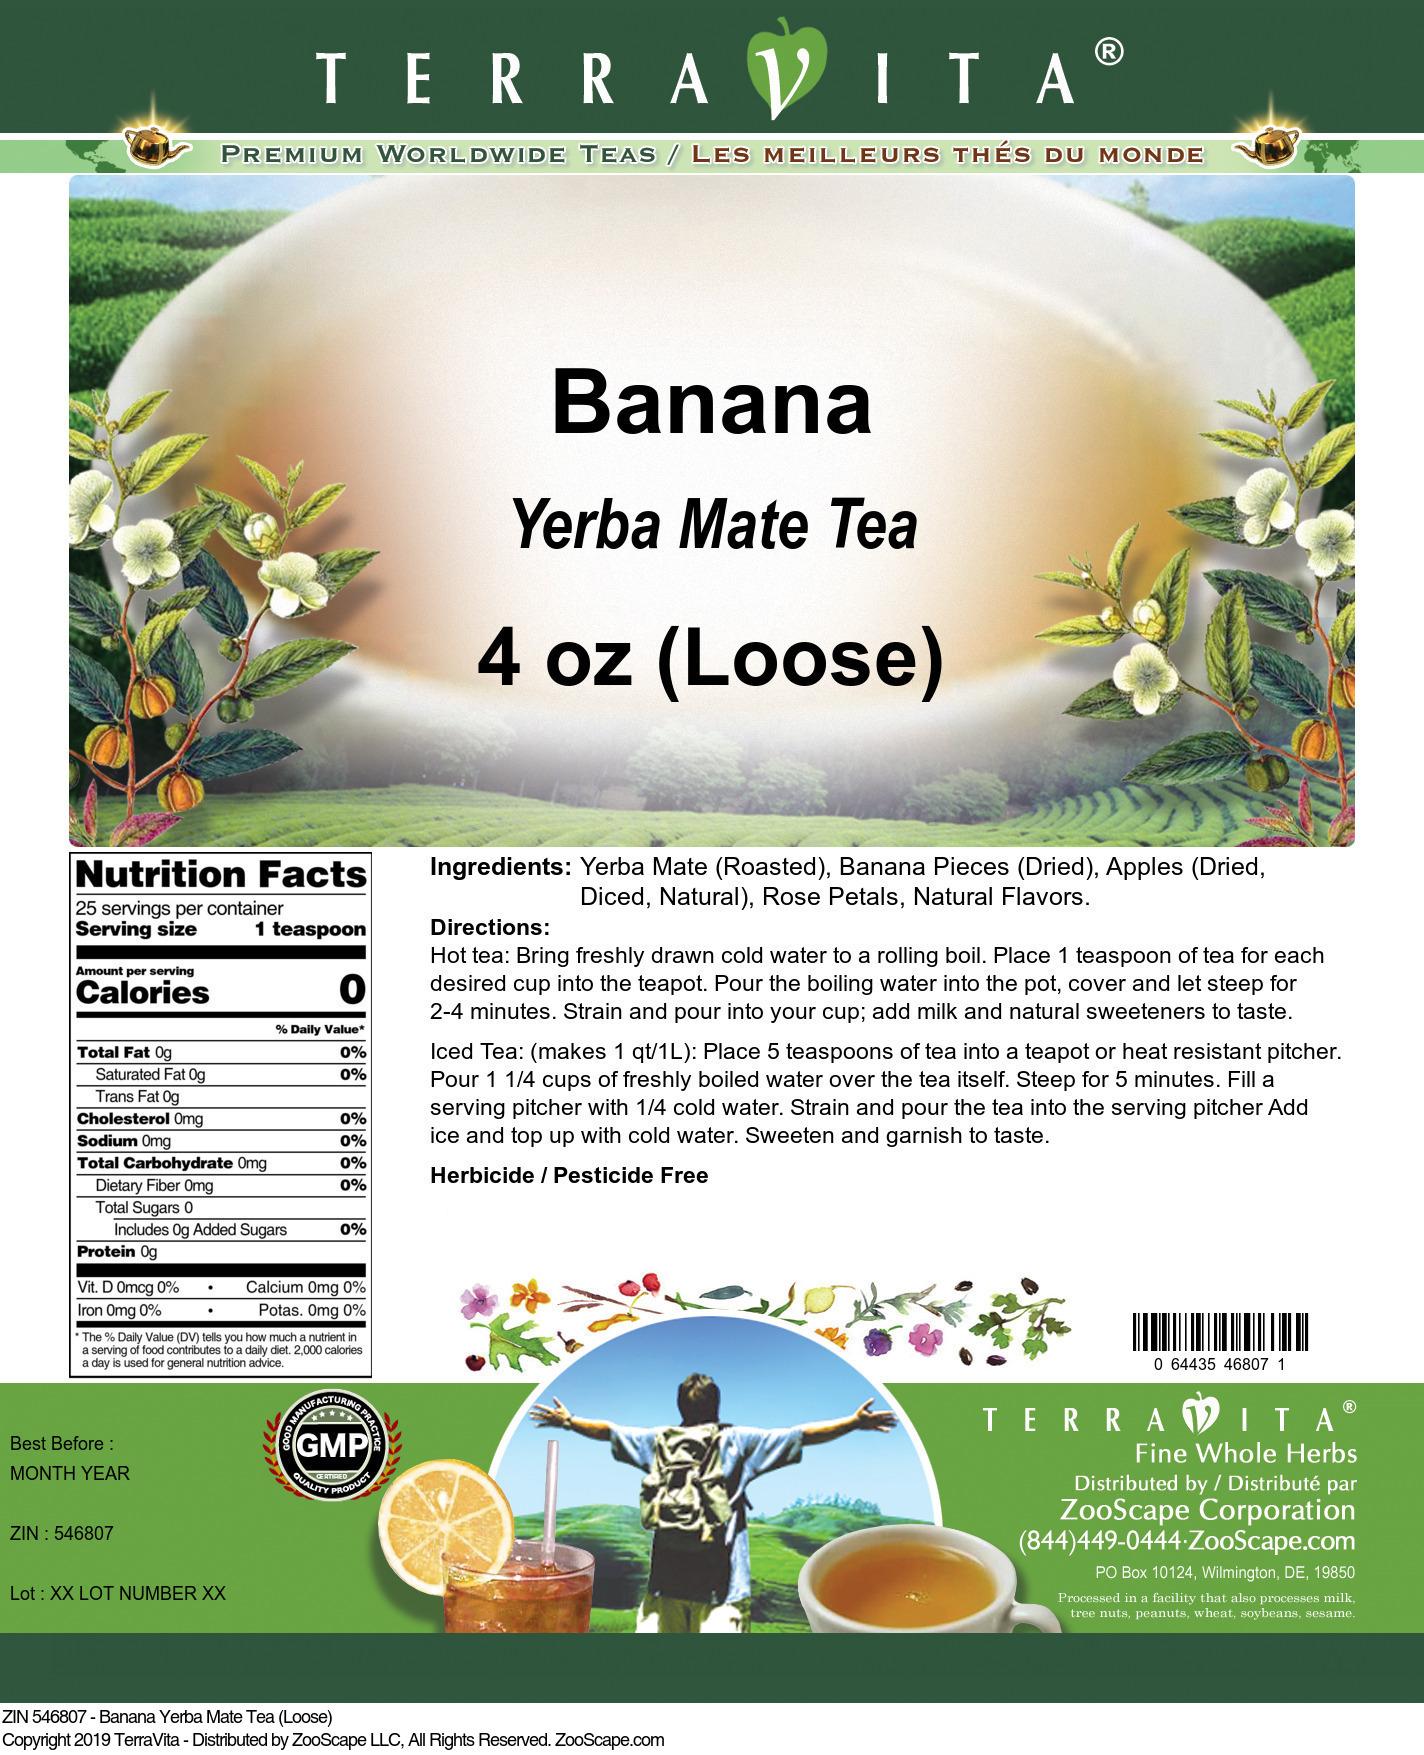 Banana Yerba Mate